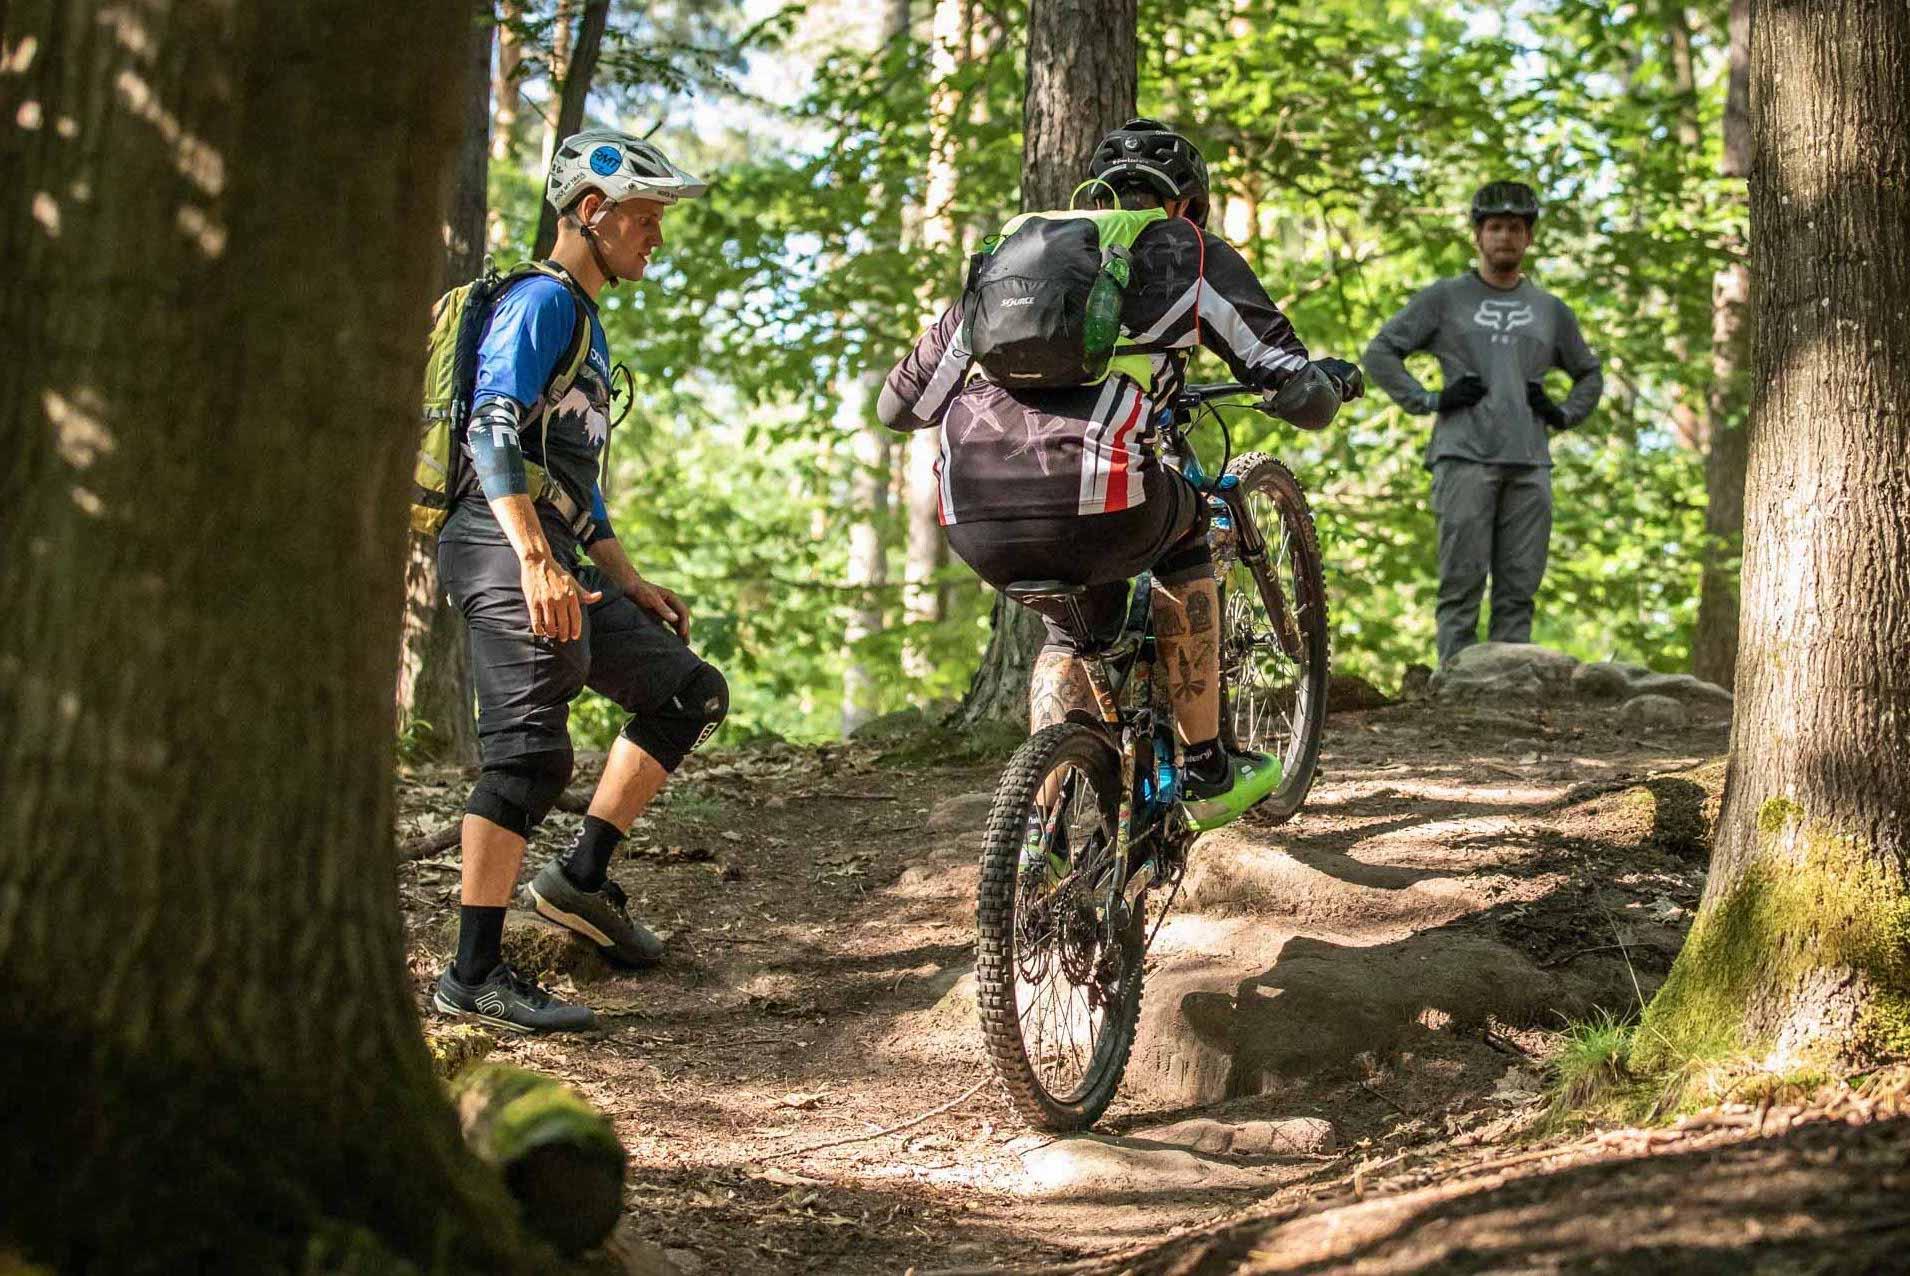 eMTB Fortgeschritten Fahrtechnik Kurs Pforzheim - Mountainbike Training - Rock my Trail Bikeschule GmbH